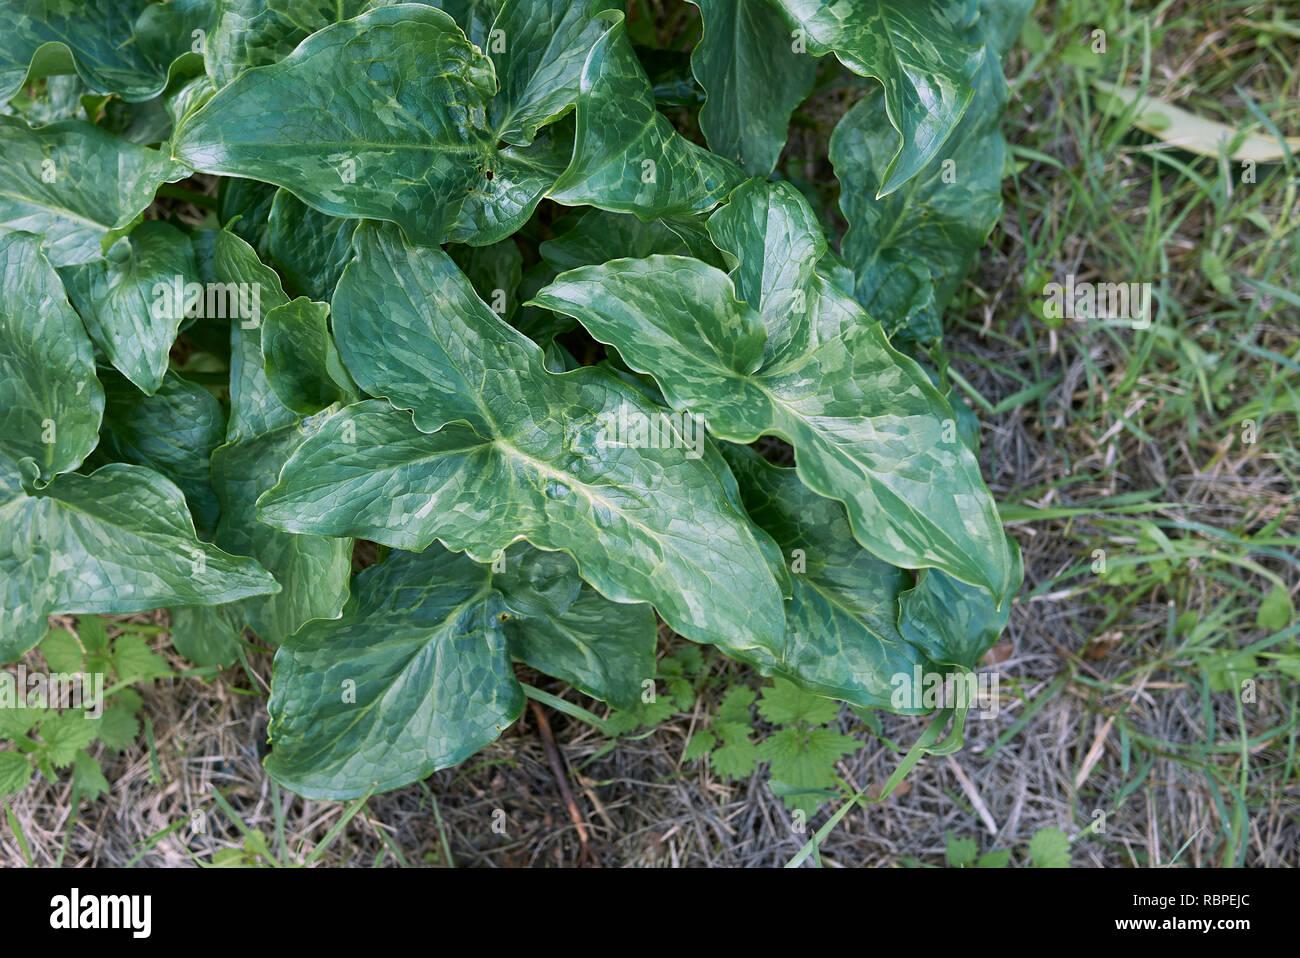 Arum italicum plant - Stock Image